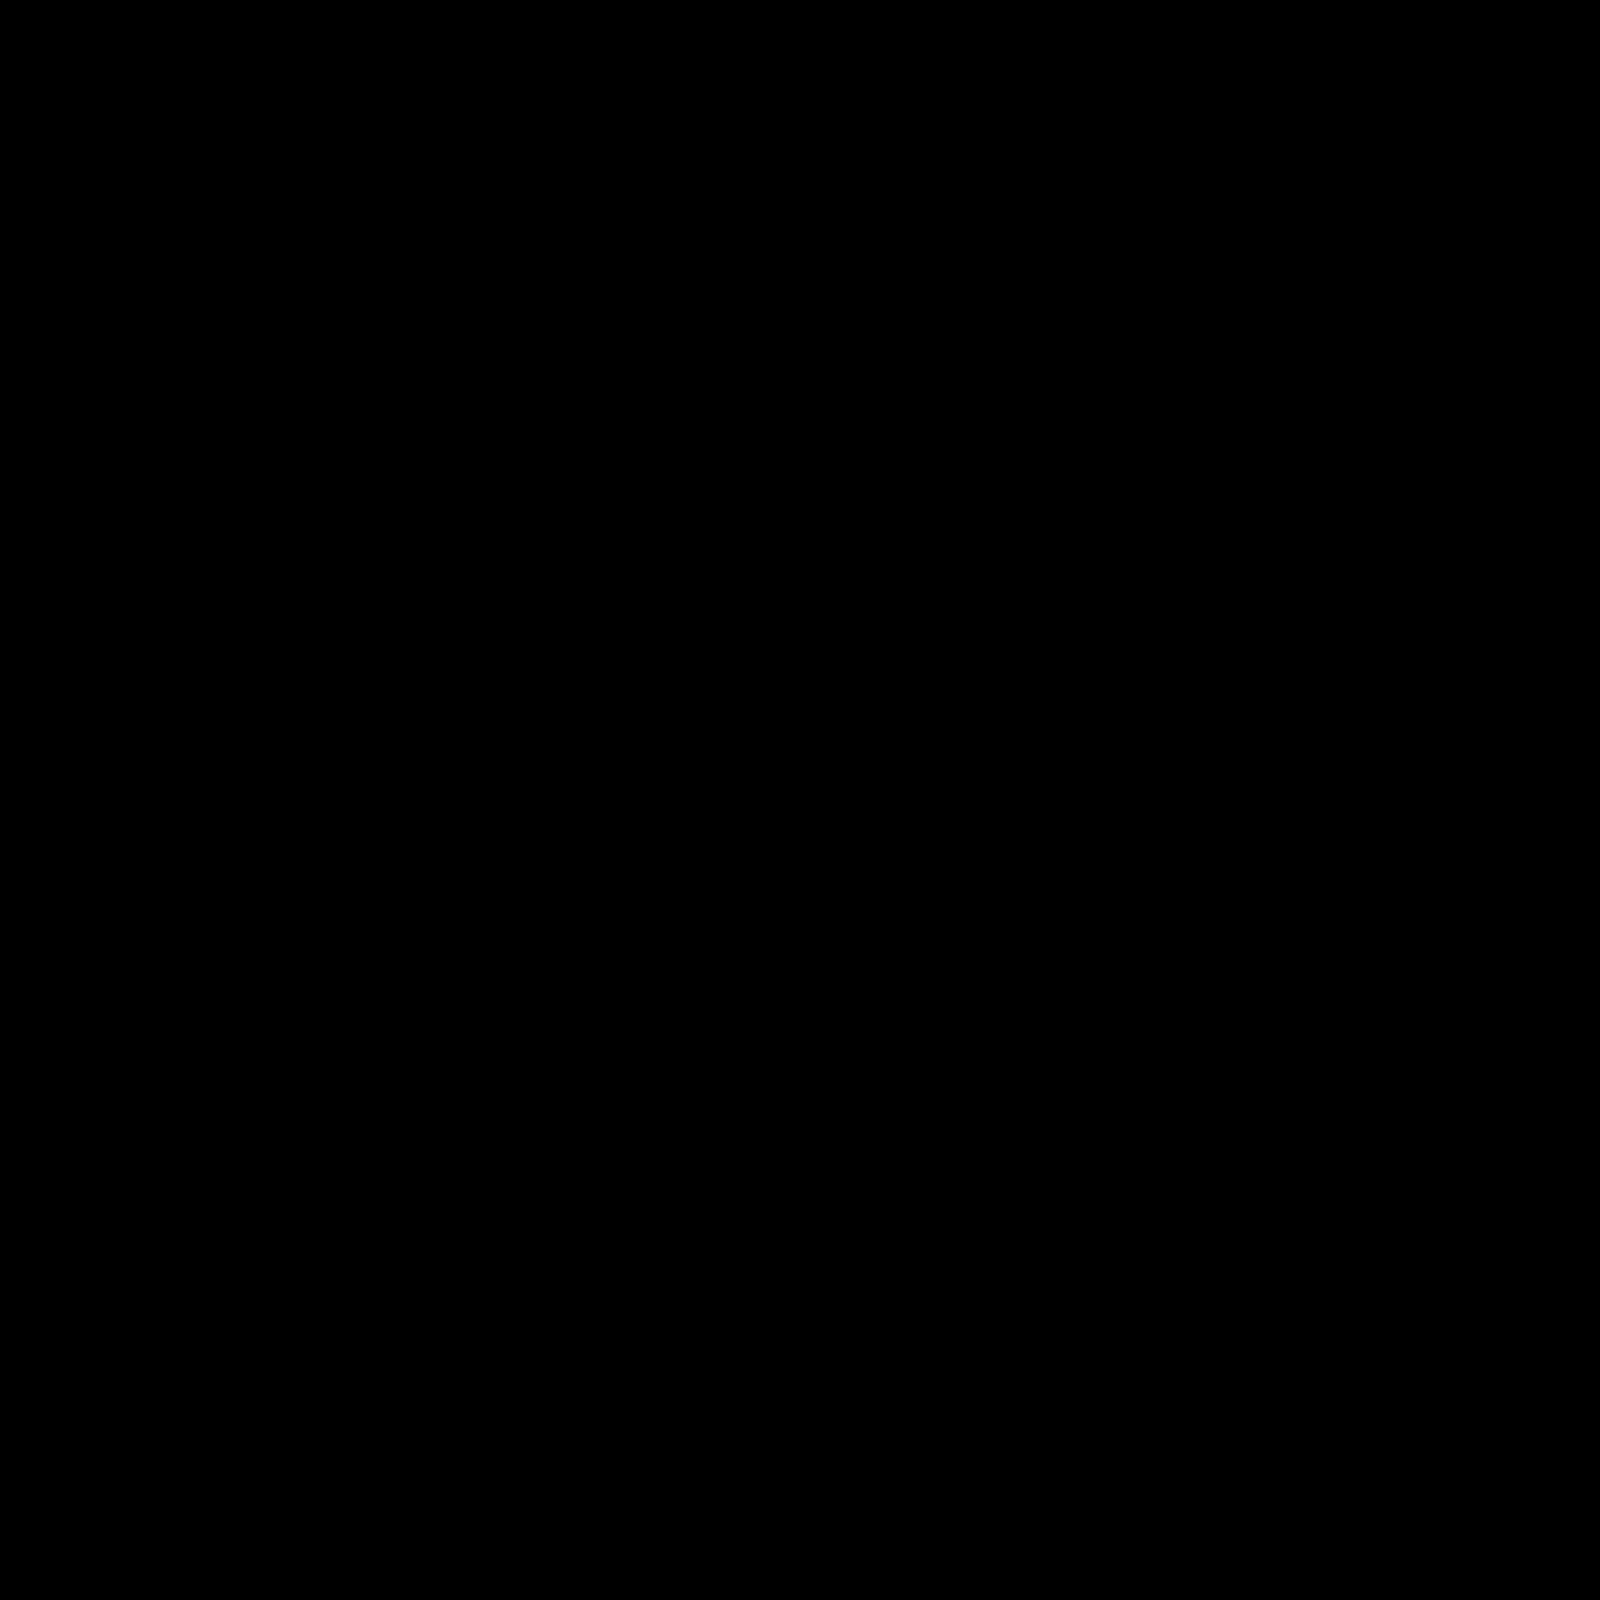 工作站 icon